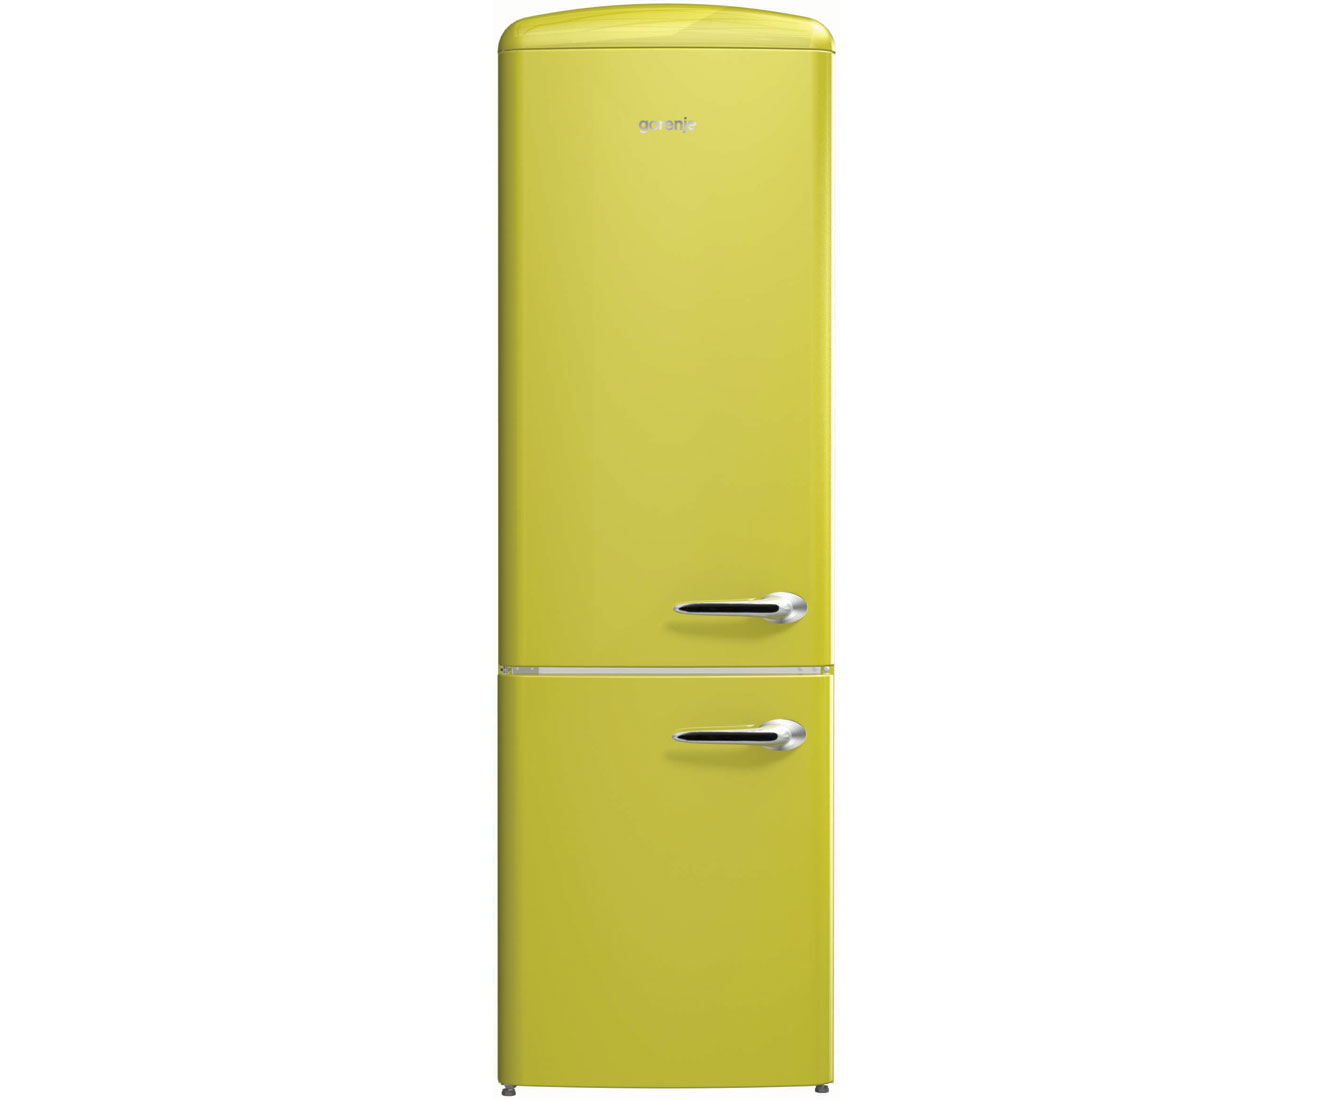 Gorenje Kühlschrank Liegend Transportieren : Gorenje kühlschrank liegend transportieren: den kühlschrank richtig